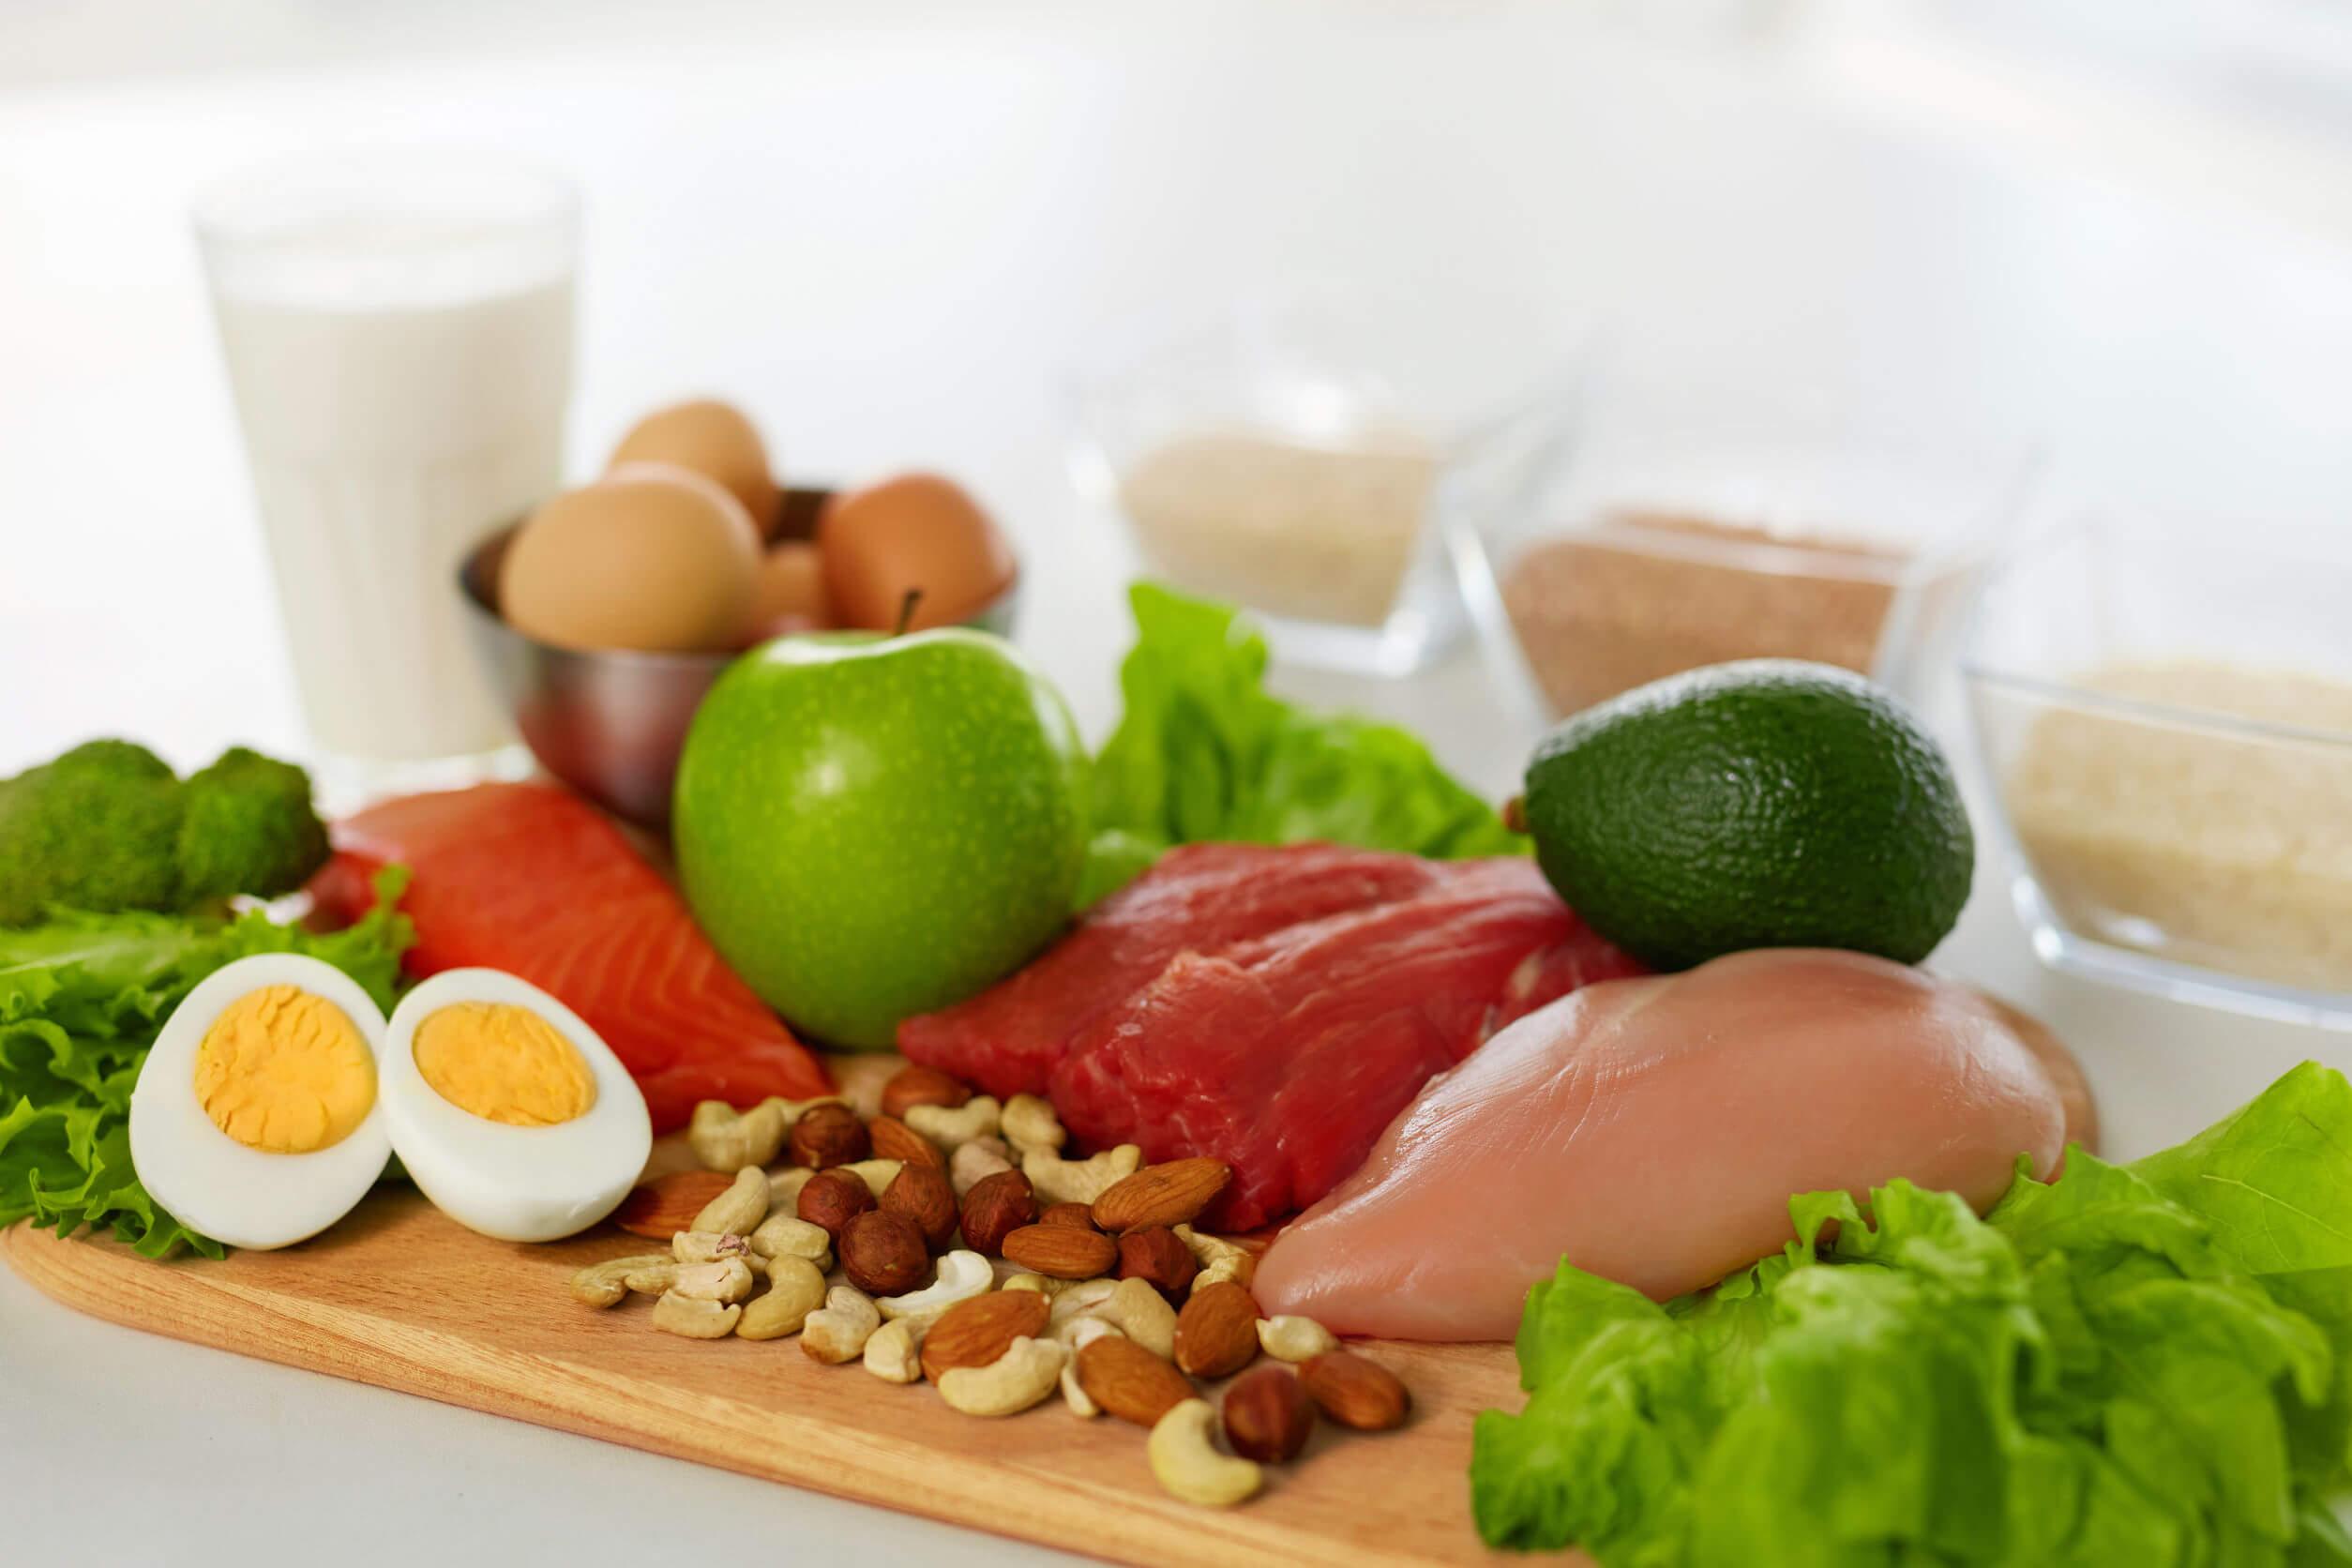 Gli alimenti biologici comprendono prodotti di origine vegetale e animale.